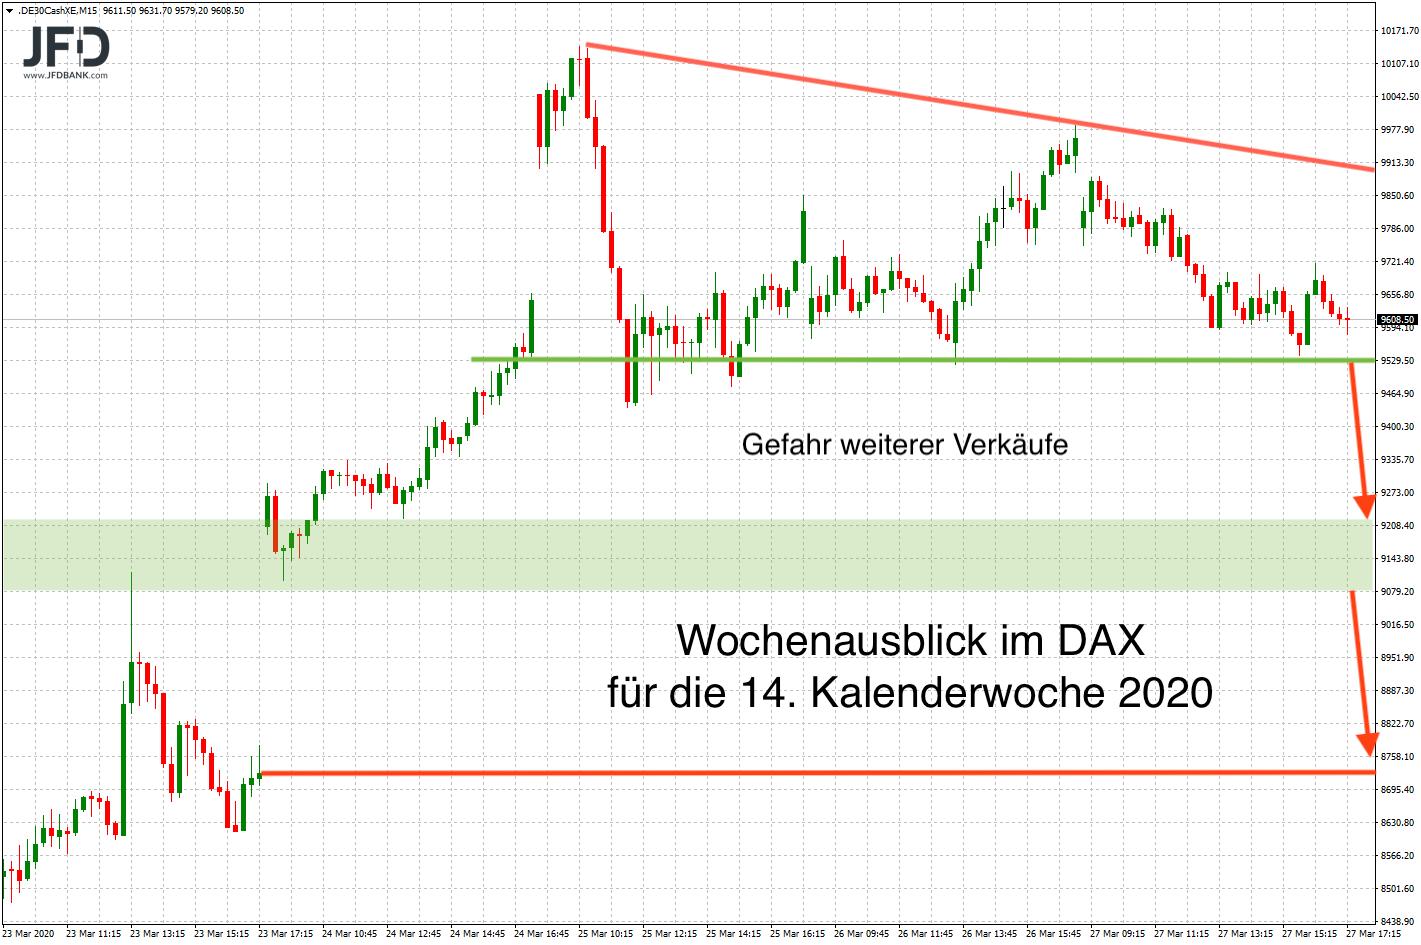 20200328_dax_xetra_wochenausblick.png